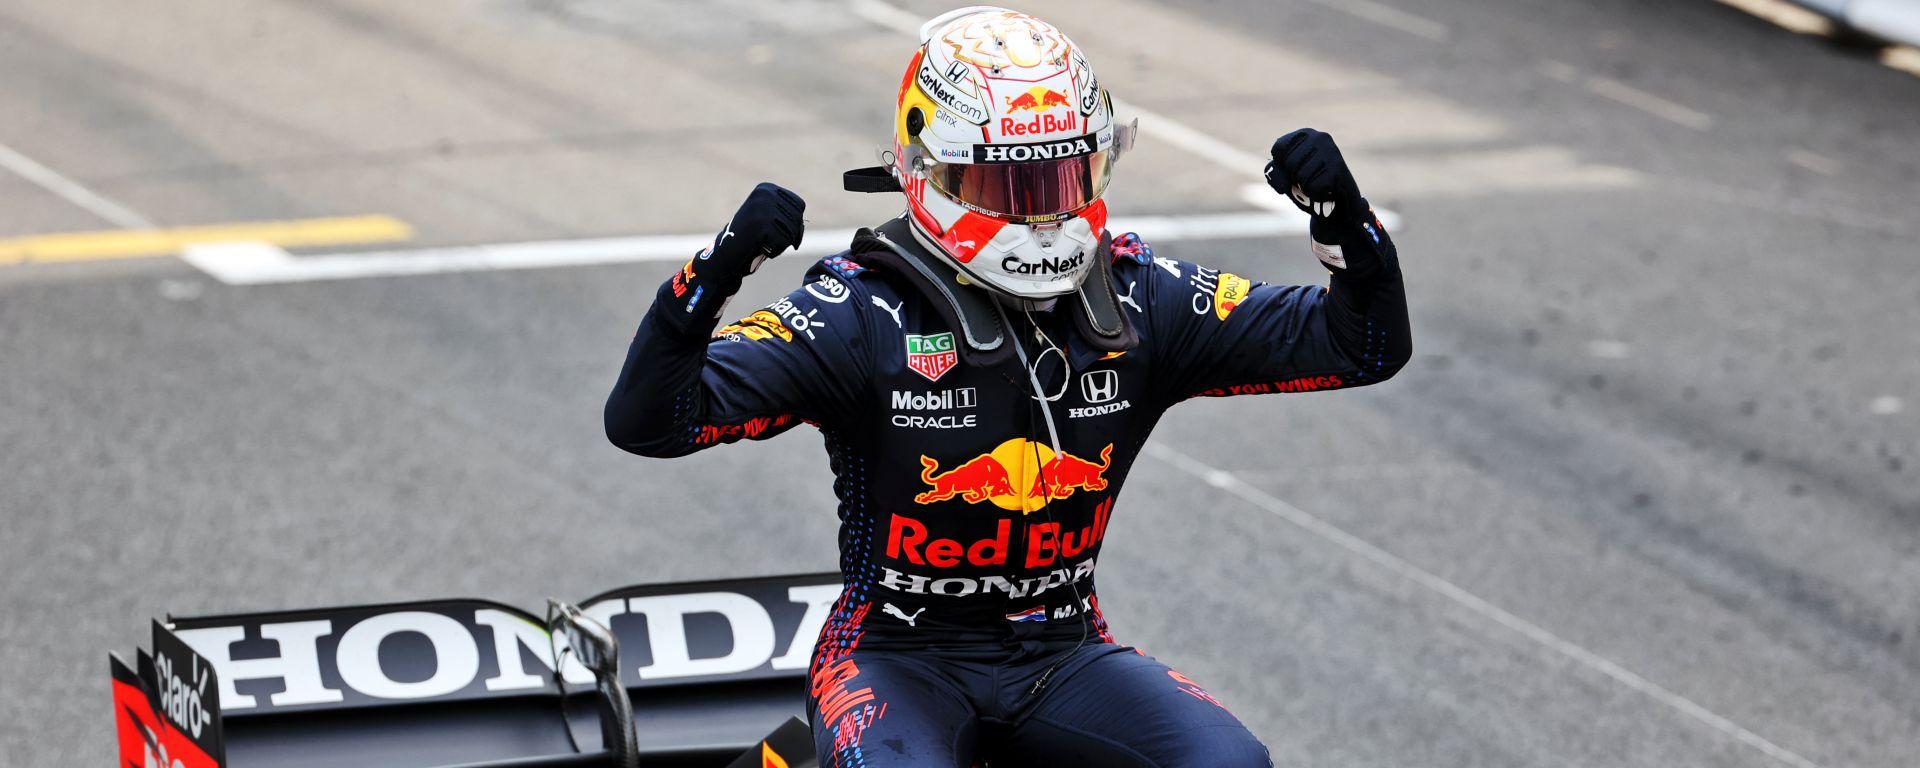 F1 GP Monaco 2021, Monte Carlo: Max Verstappen (Red Bull Racing) esulta dopo il traguardo